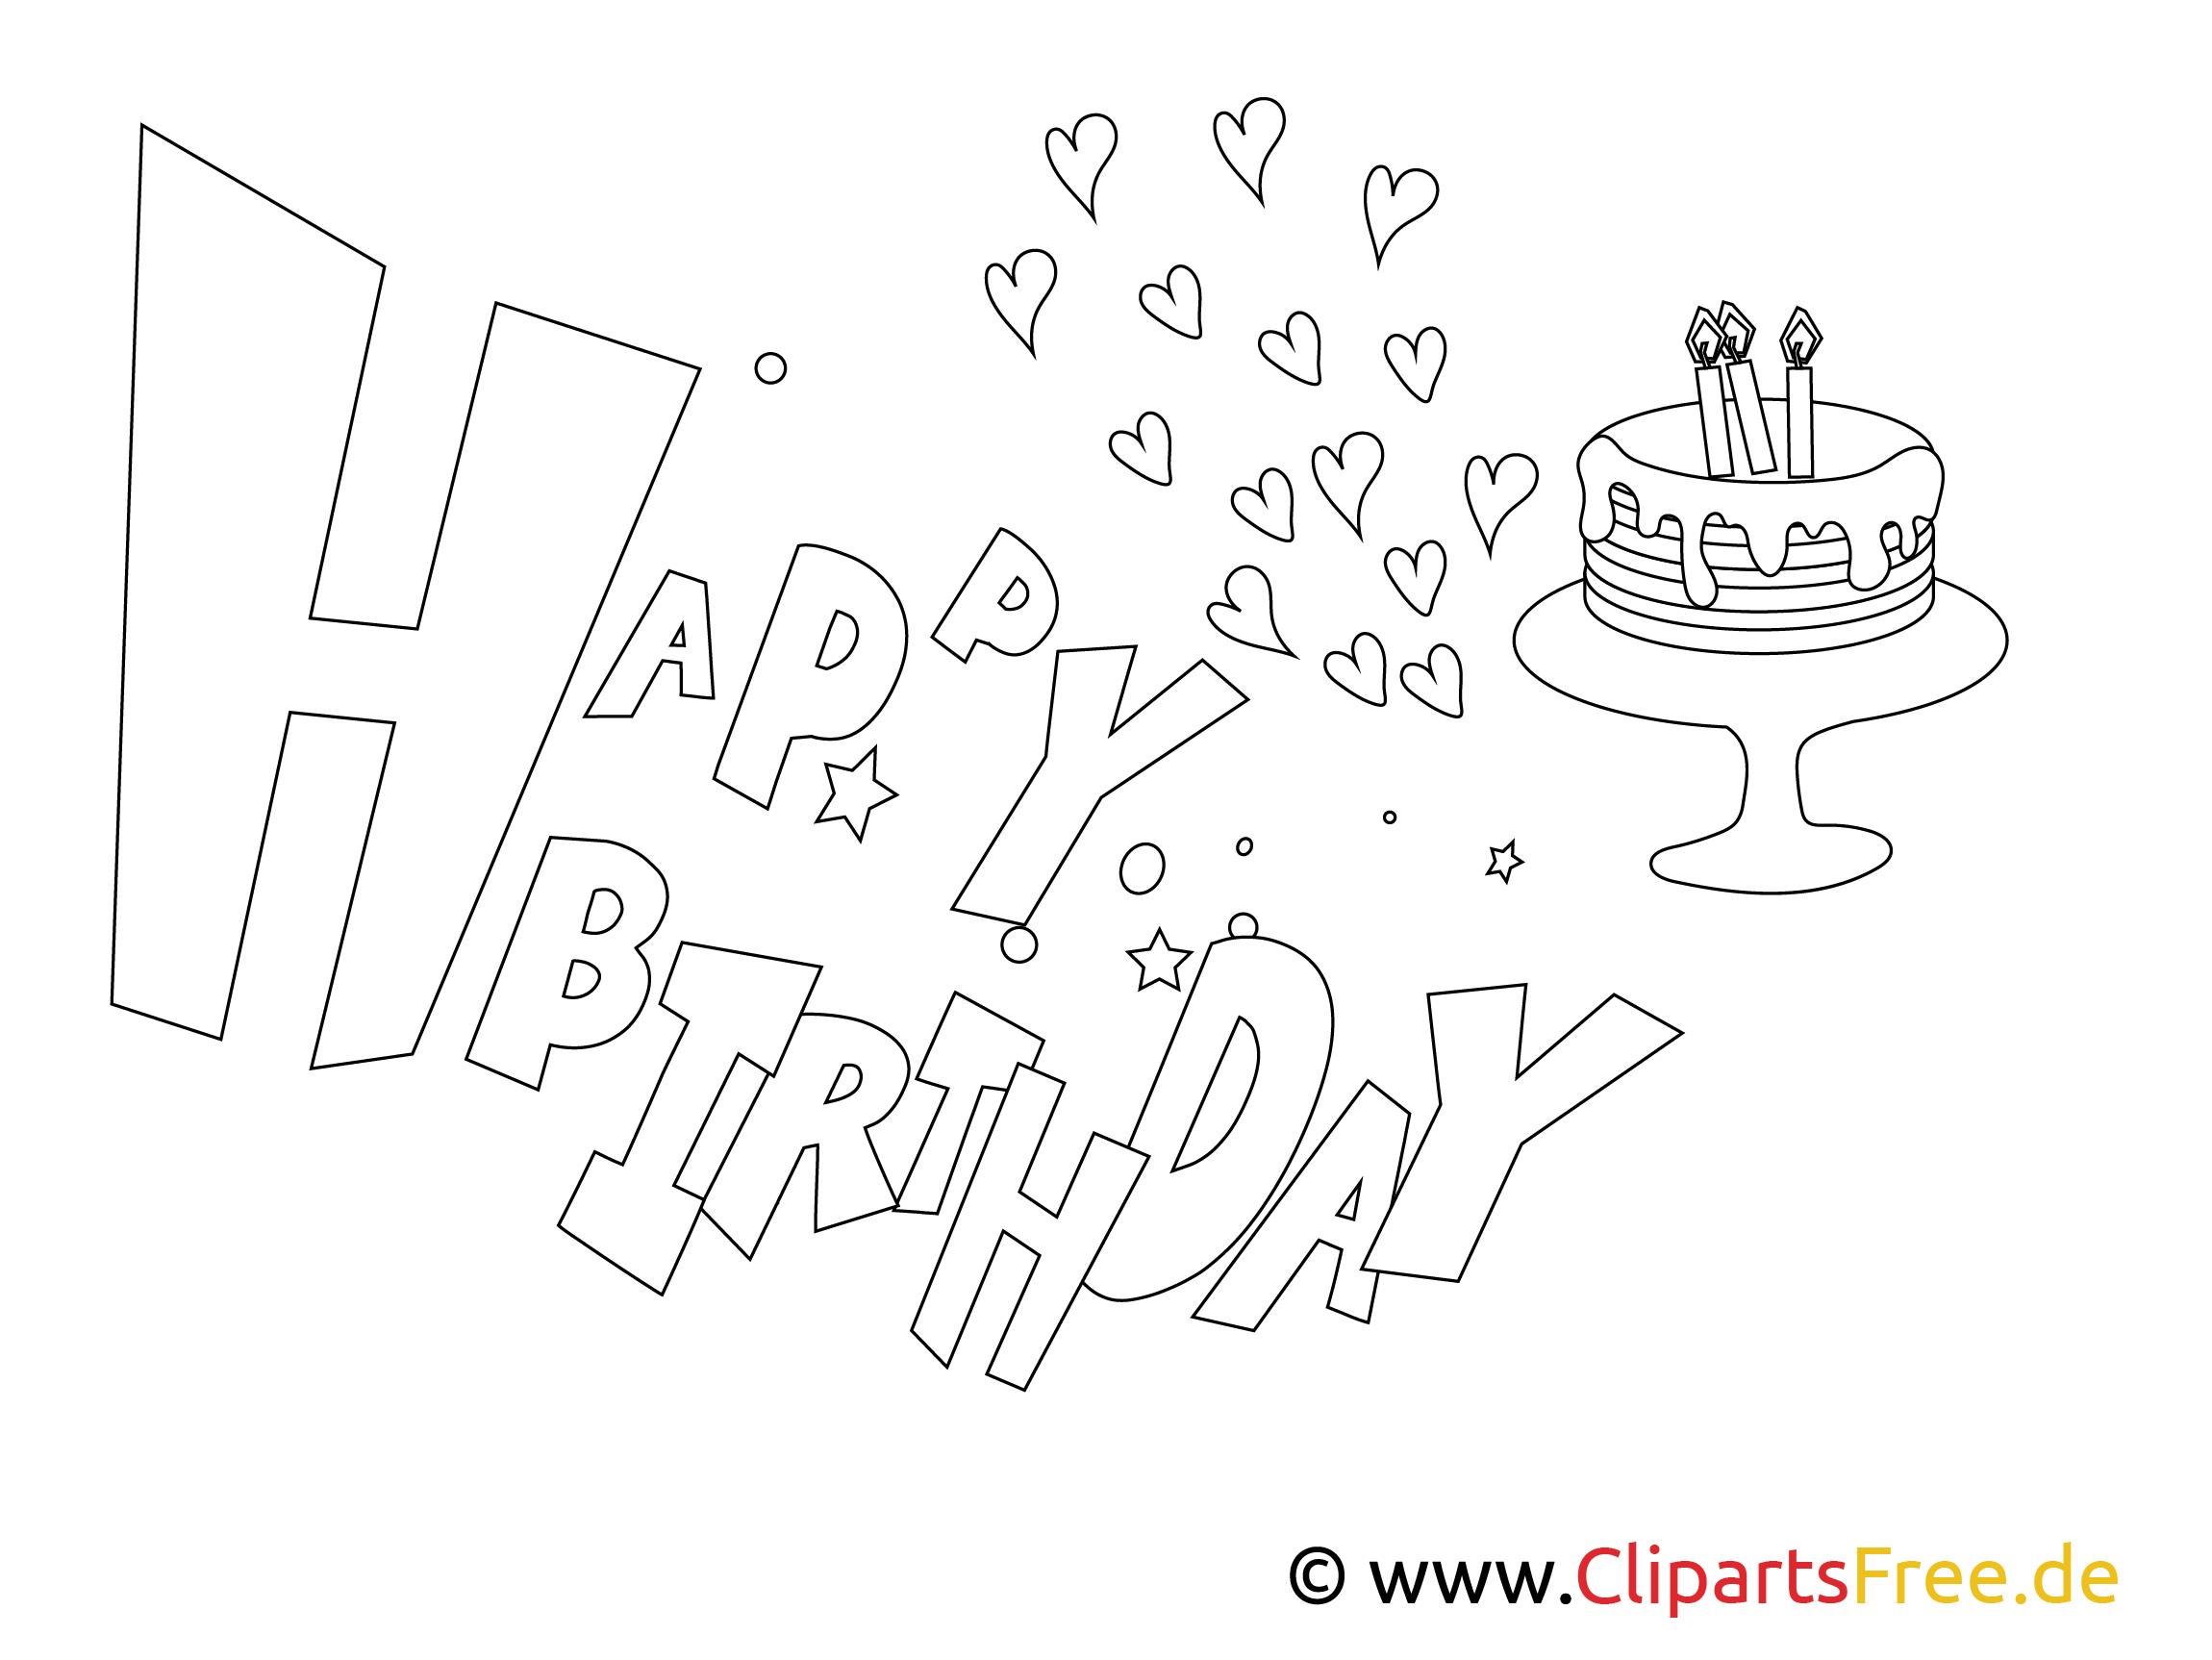 kartkakolorowanka happy birthday